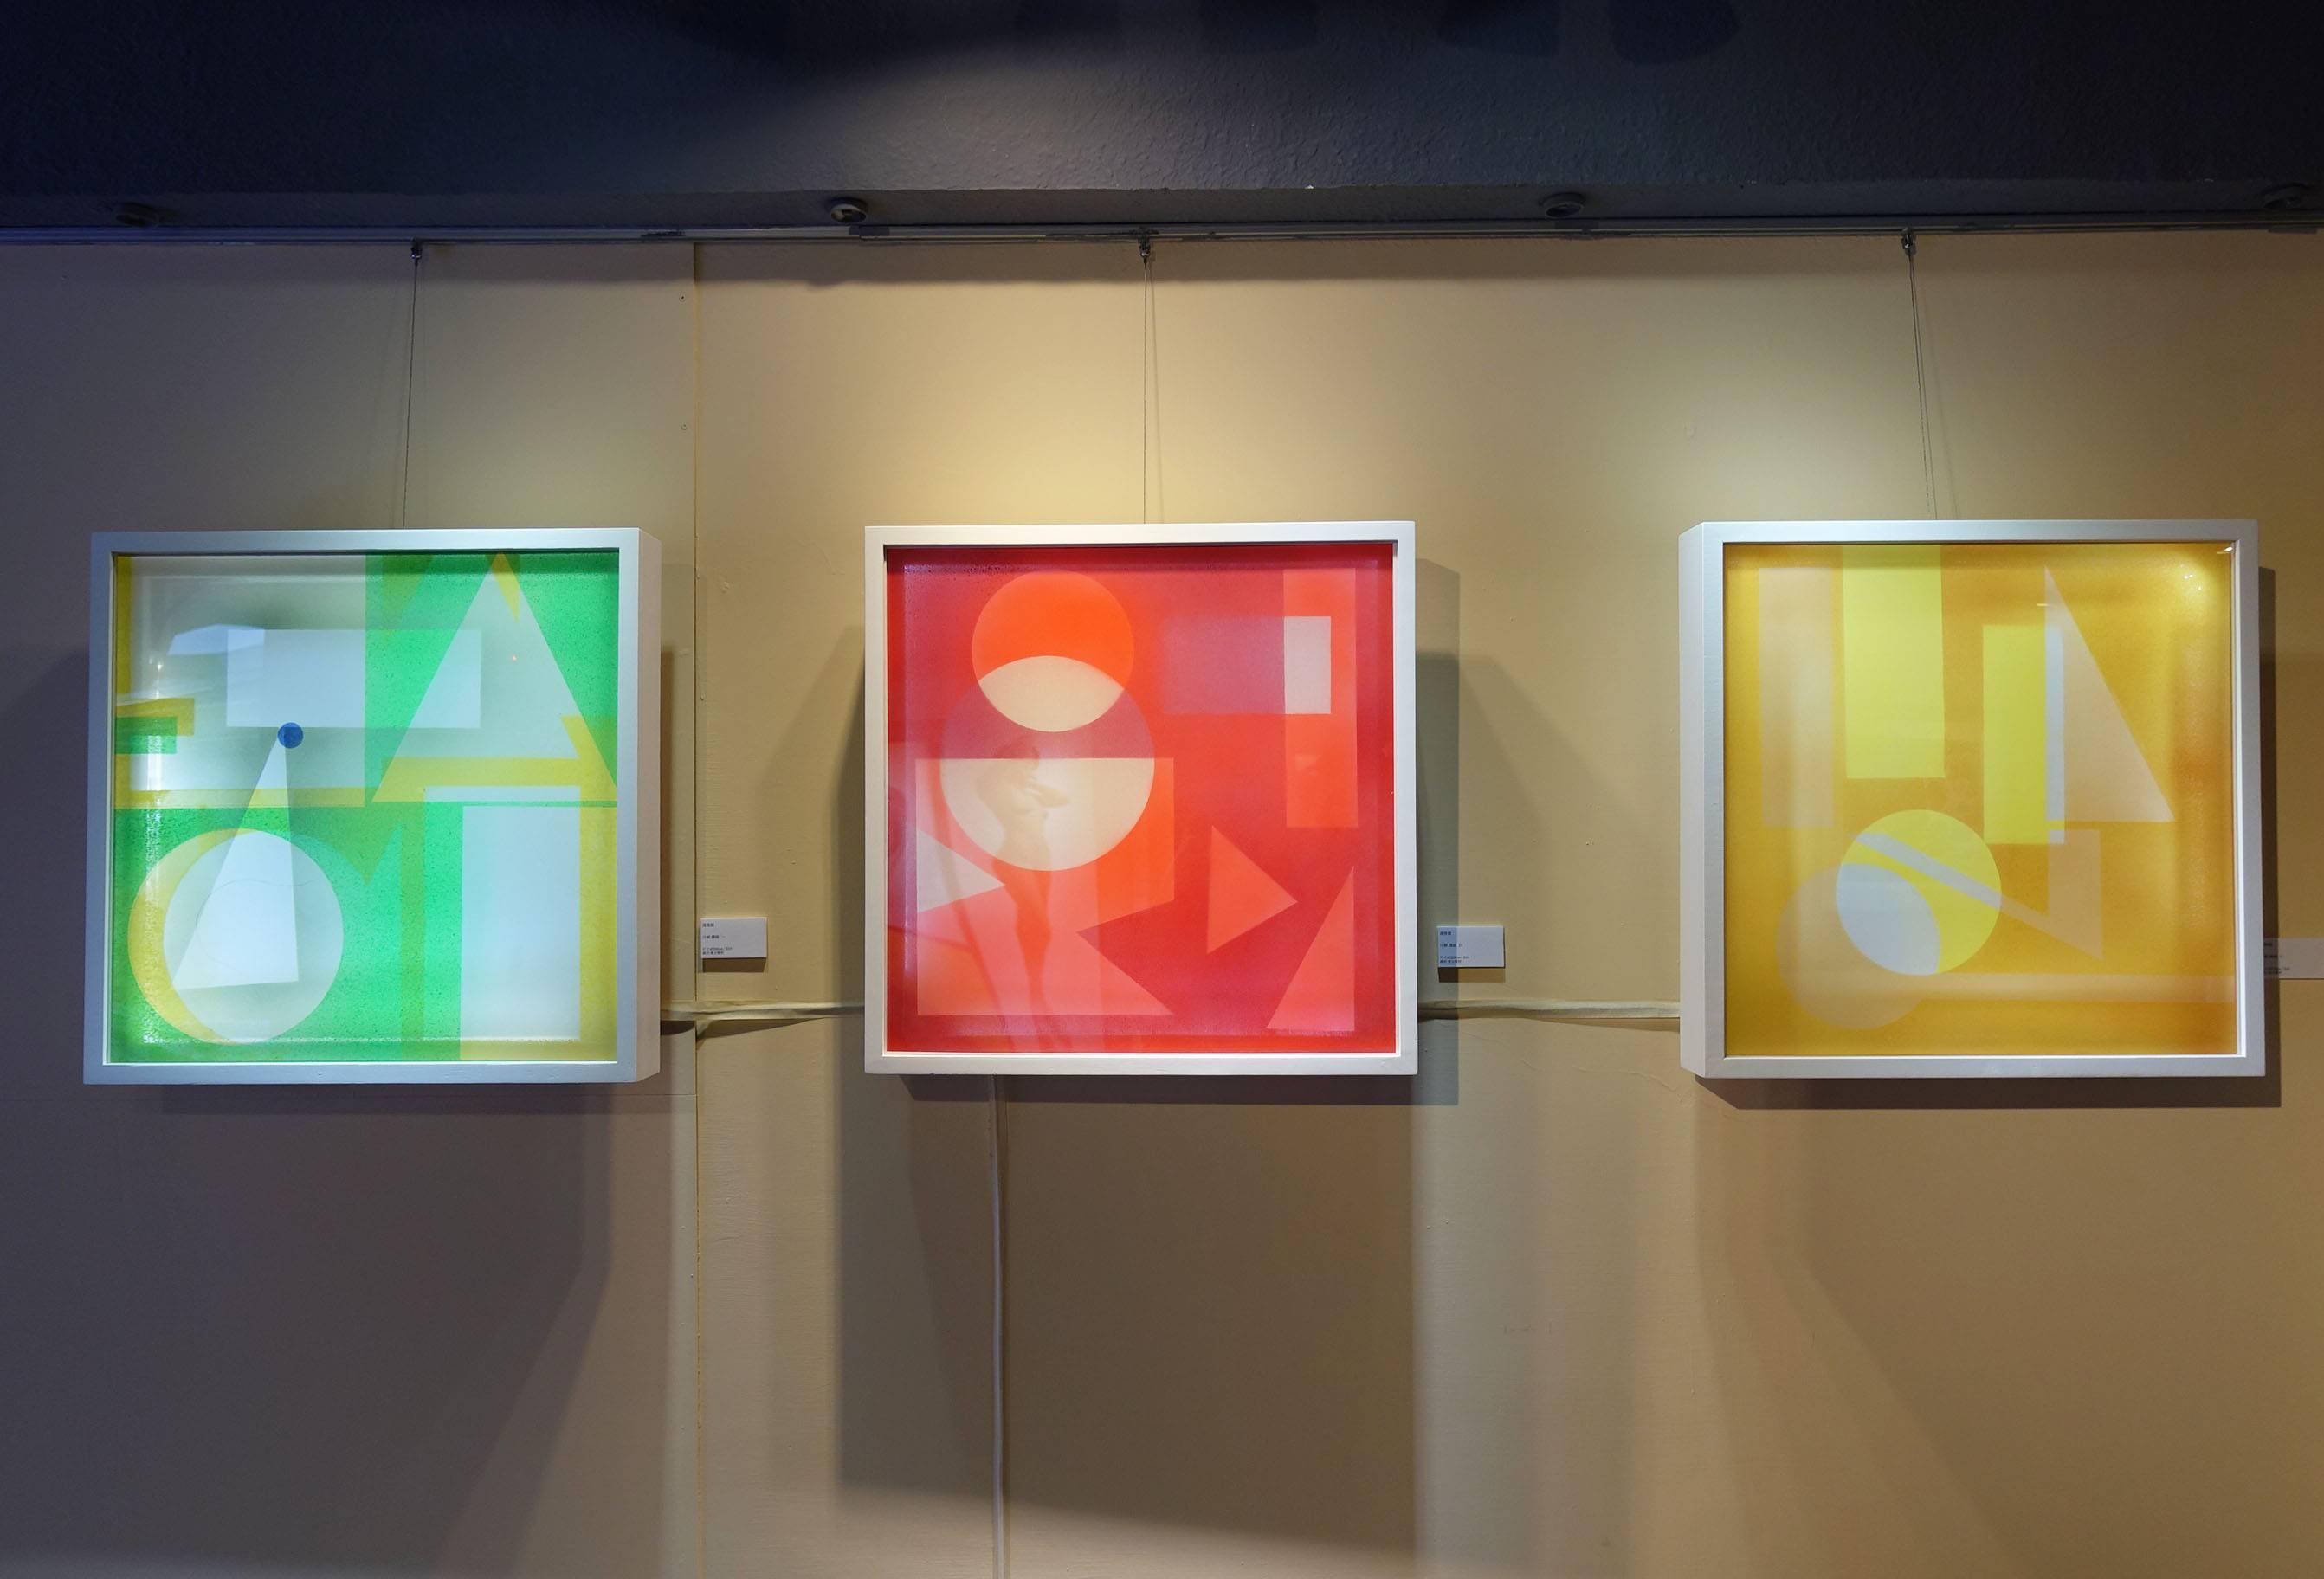 湯雅璇,《分解・構織 》系列作品,60 x 60 cm,複合媒材,2019。